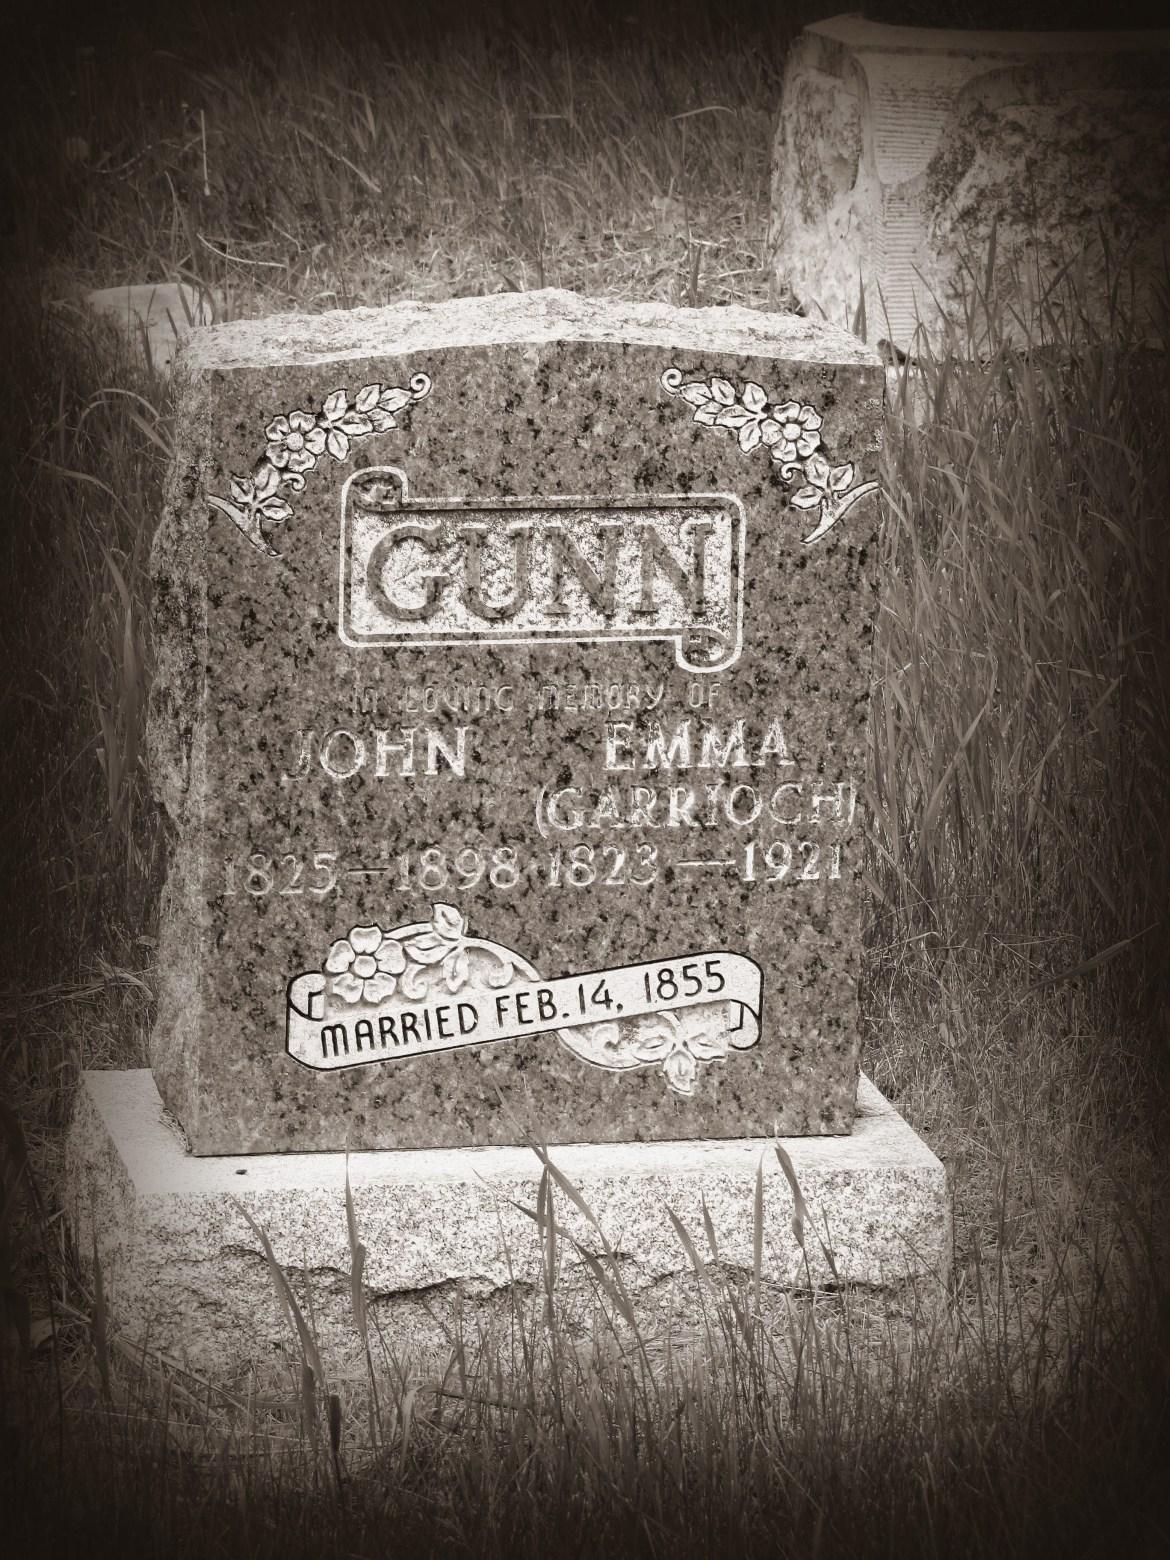 Gunn's Stone